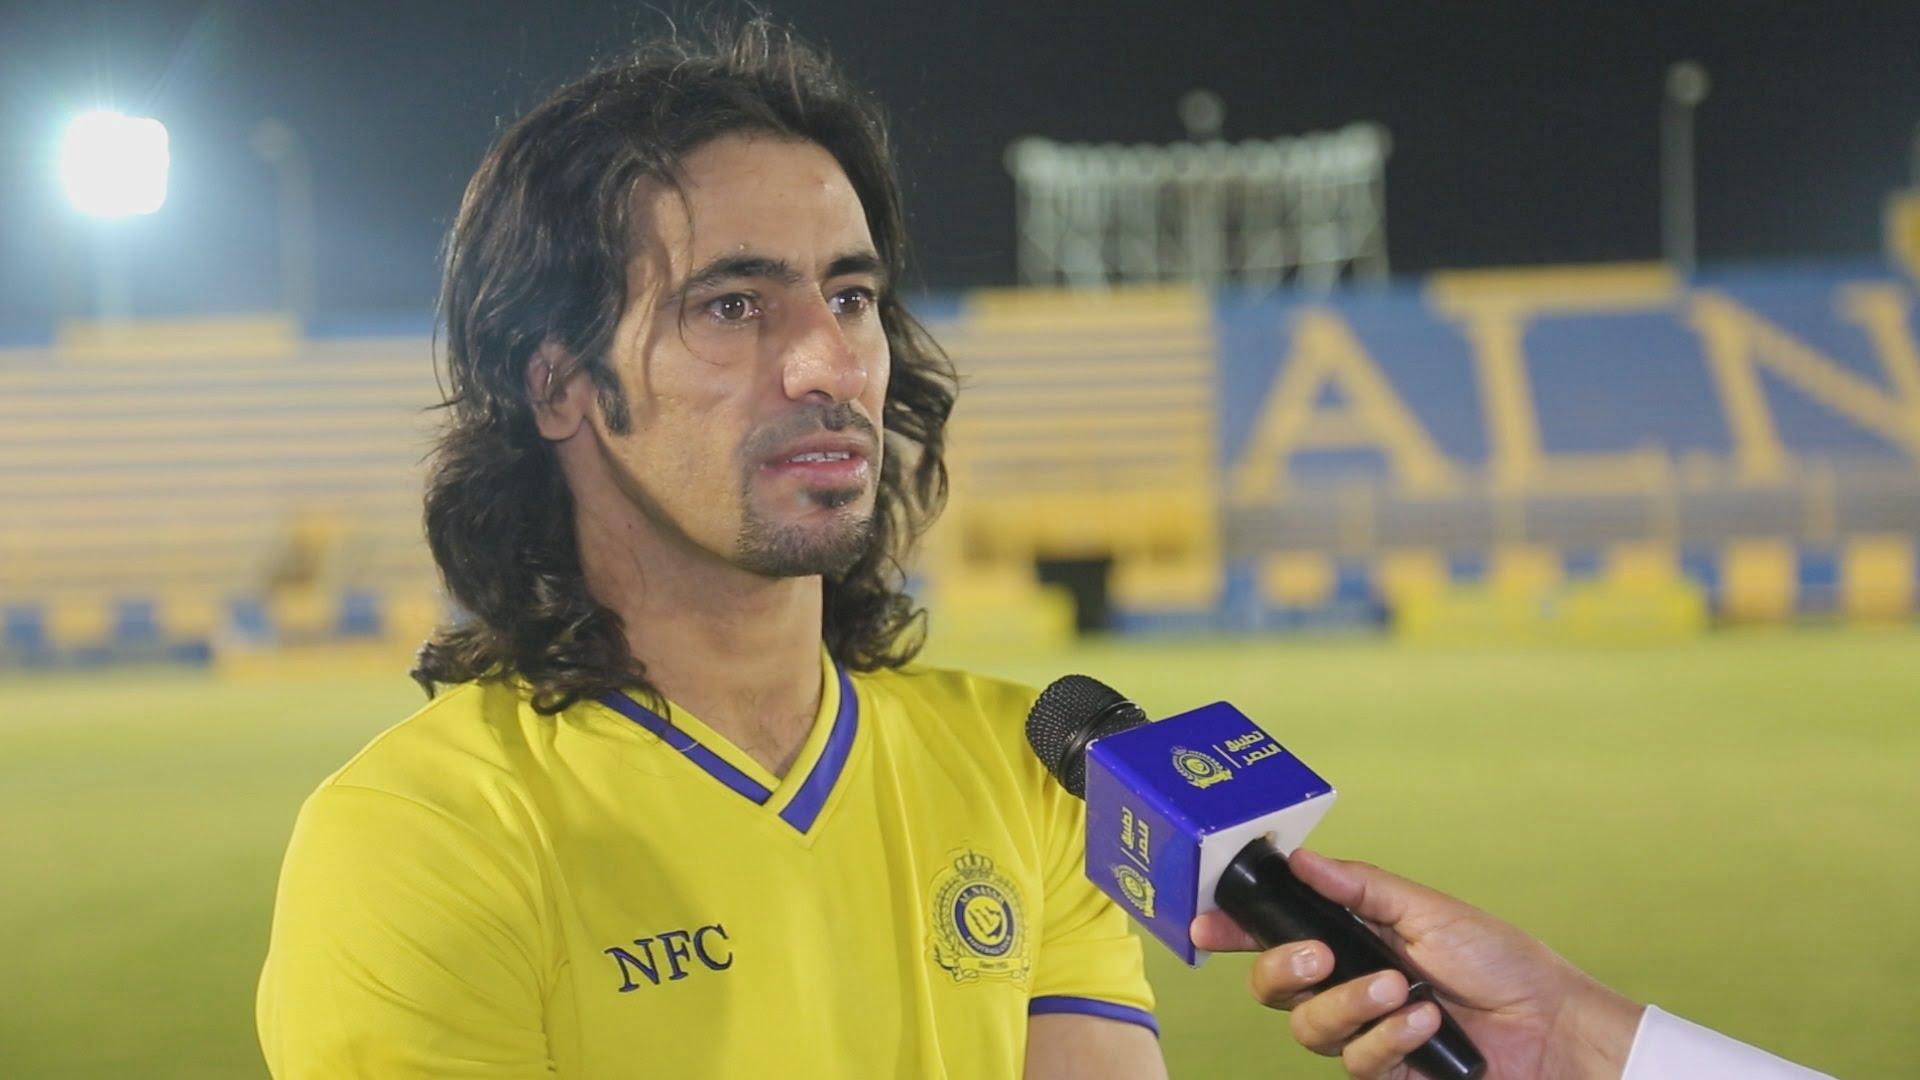 حسين عبد الغني يقترب من دوري المناصير الاردني